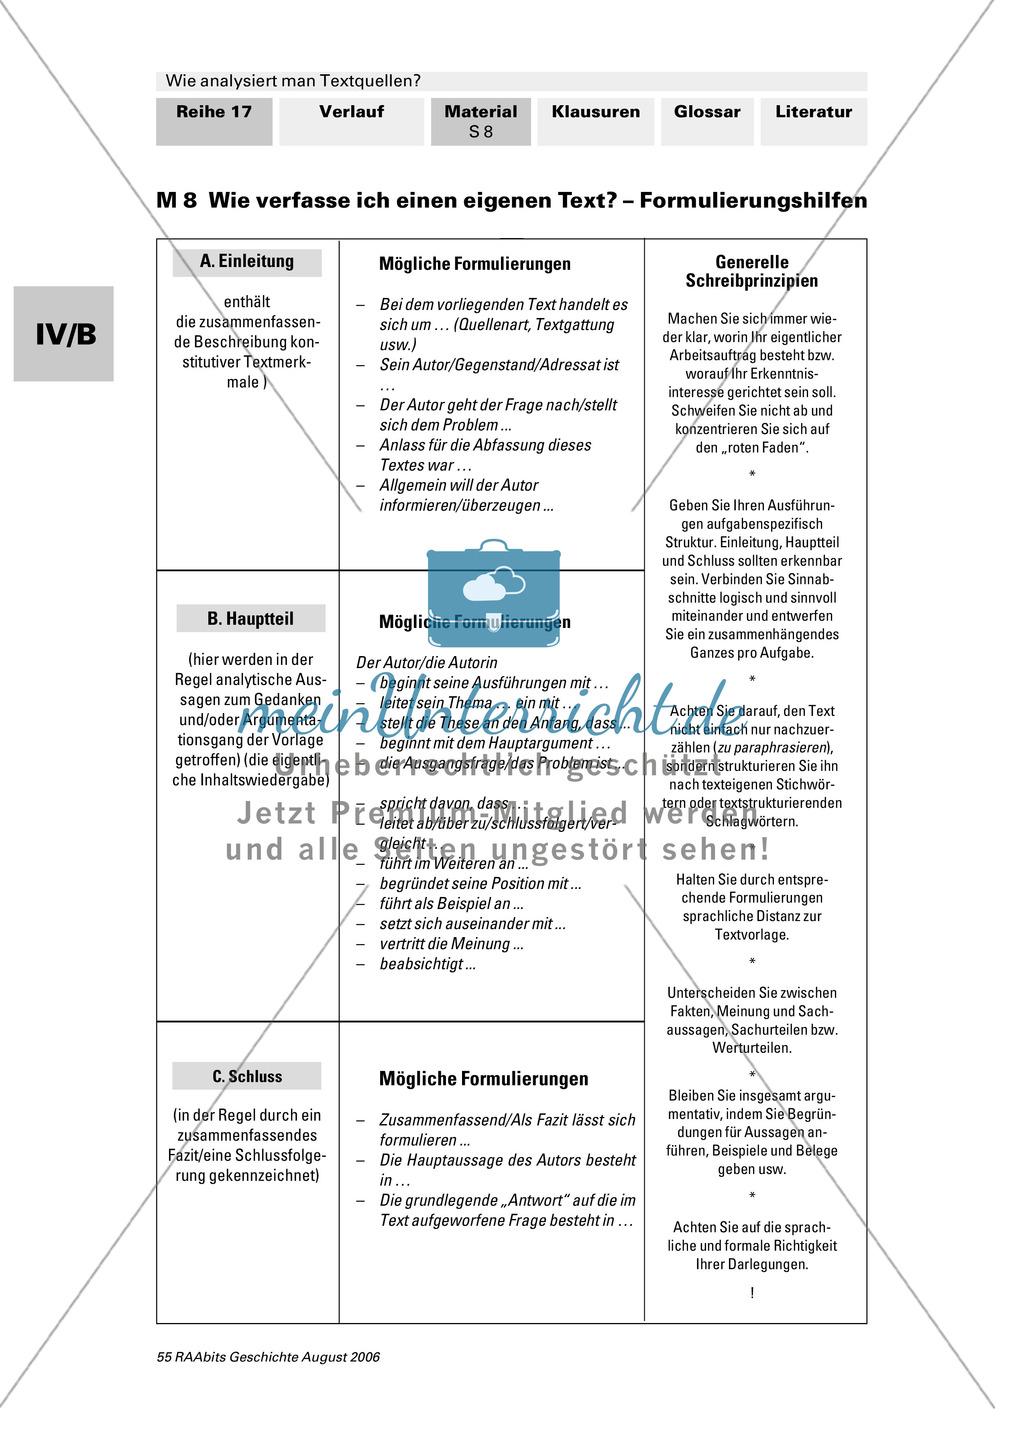 Analyse von Textquellen: Systematisierunghilfe zur Analyse - Authentizitätsgrad und Aussagewert bestimmen, Inhaltsangabe schreiben, Formulierungshilfen für eigenen Text verwenden Preview 2